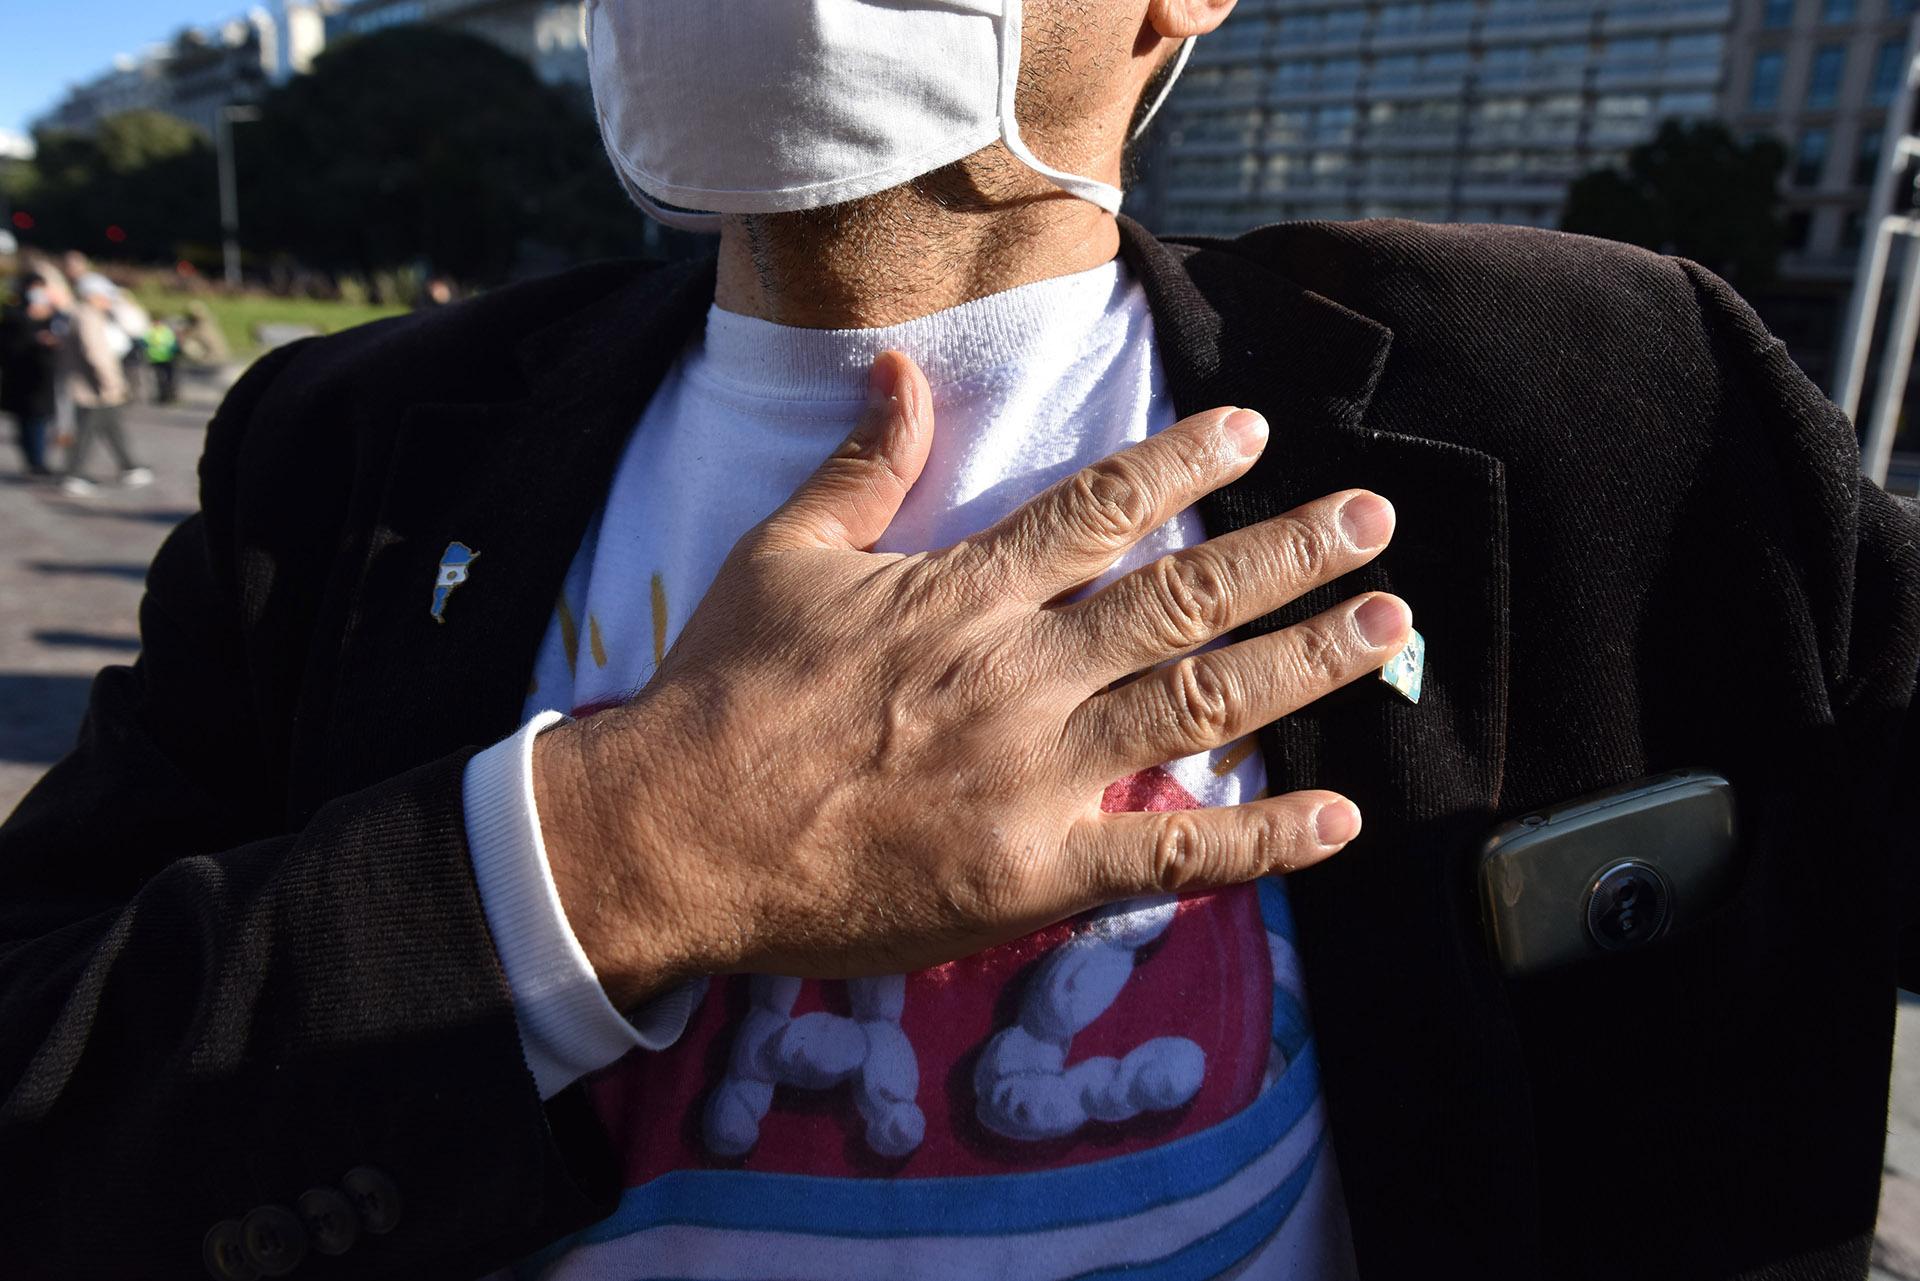 Todos los manifestantes llevaron sus barbijos. En algunos casos también utilizaron máscaras y lentes